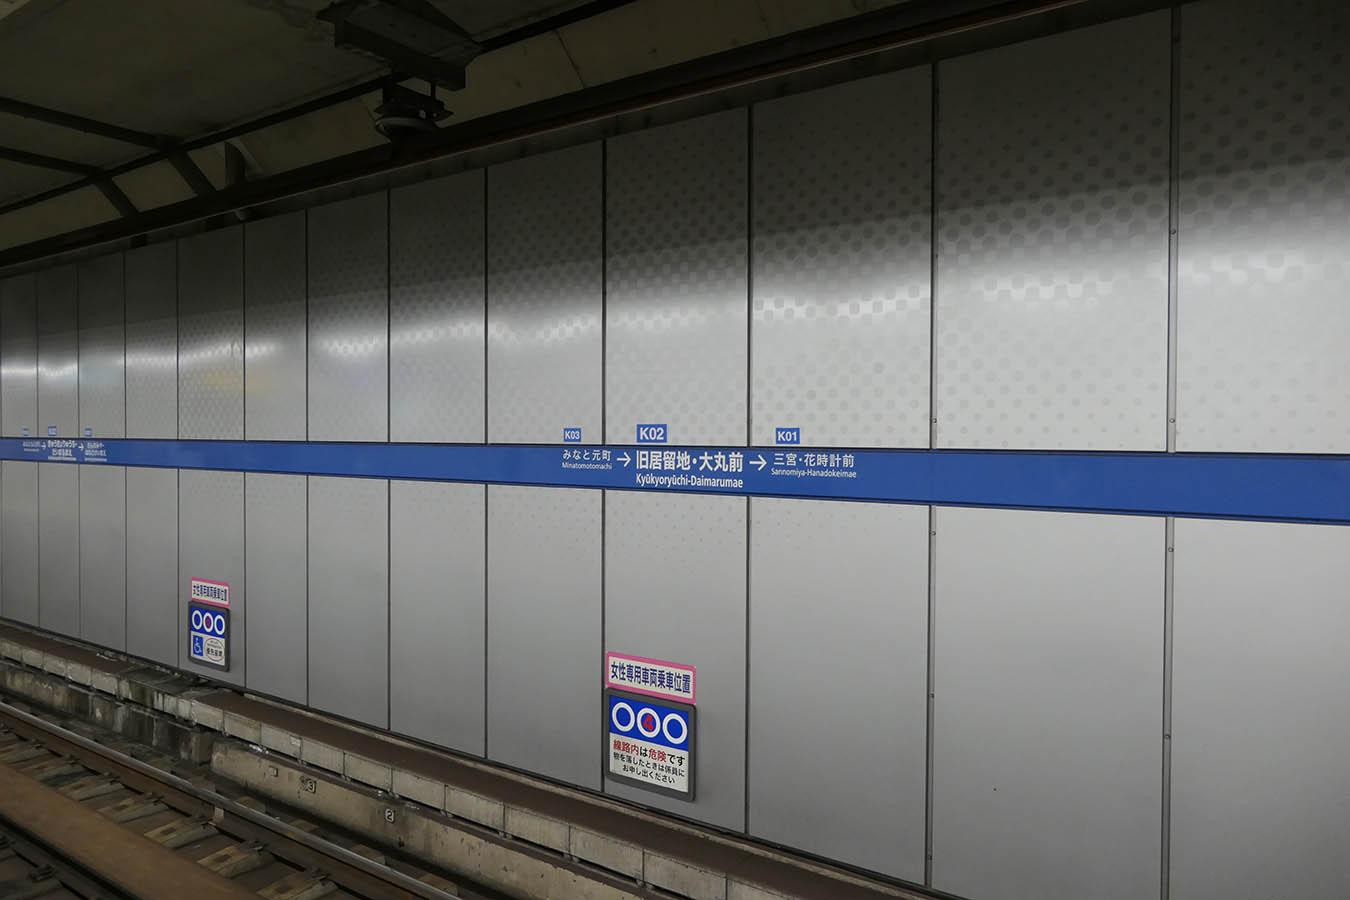 K02_photo02.jpg